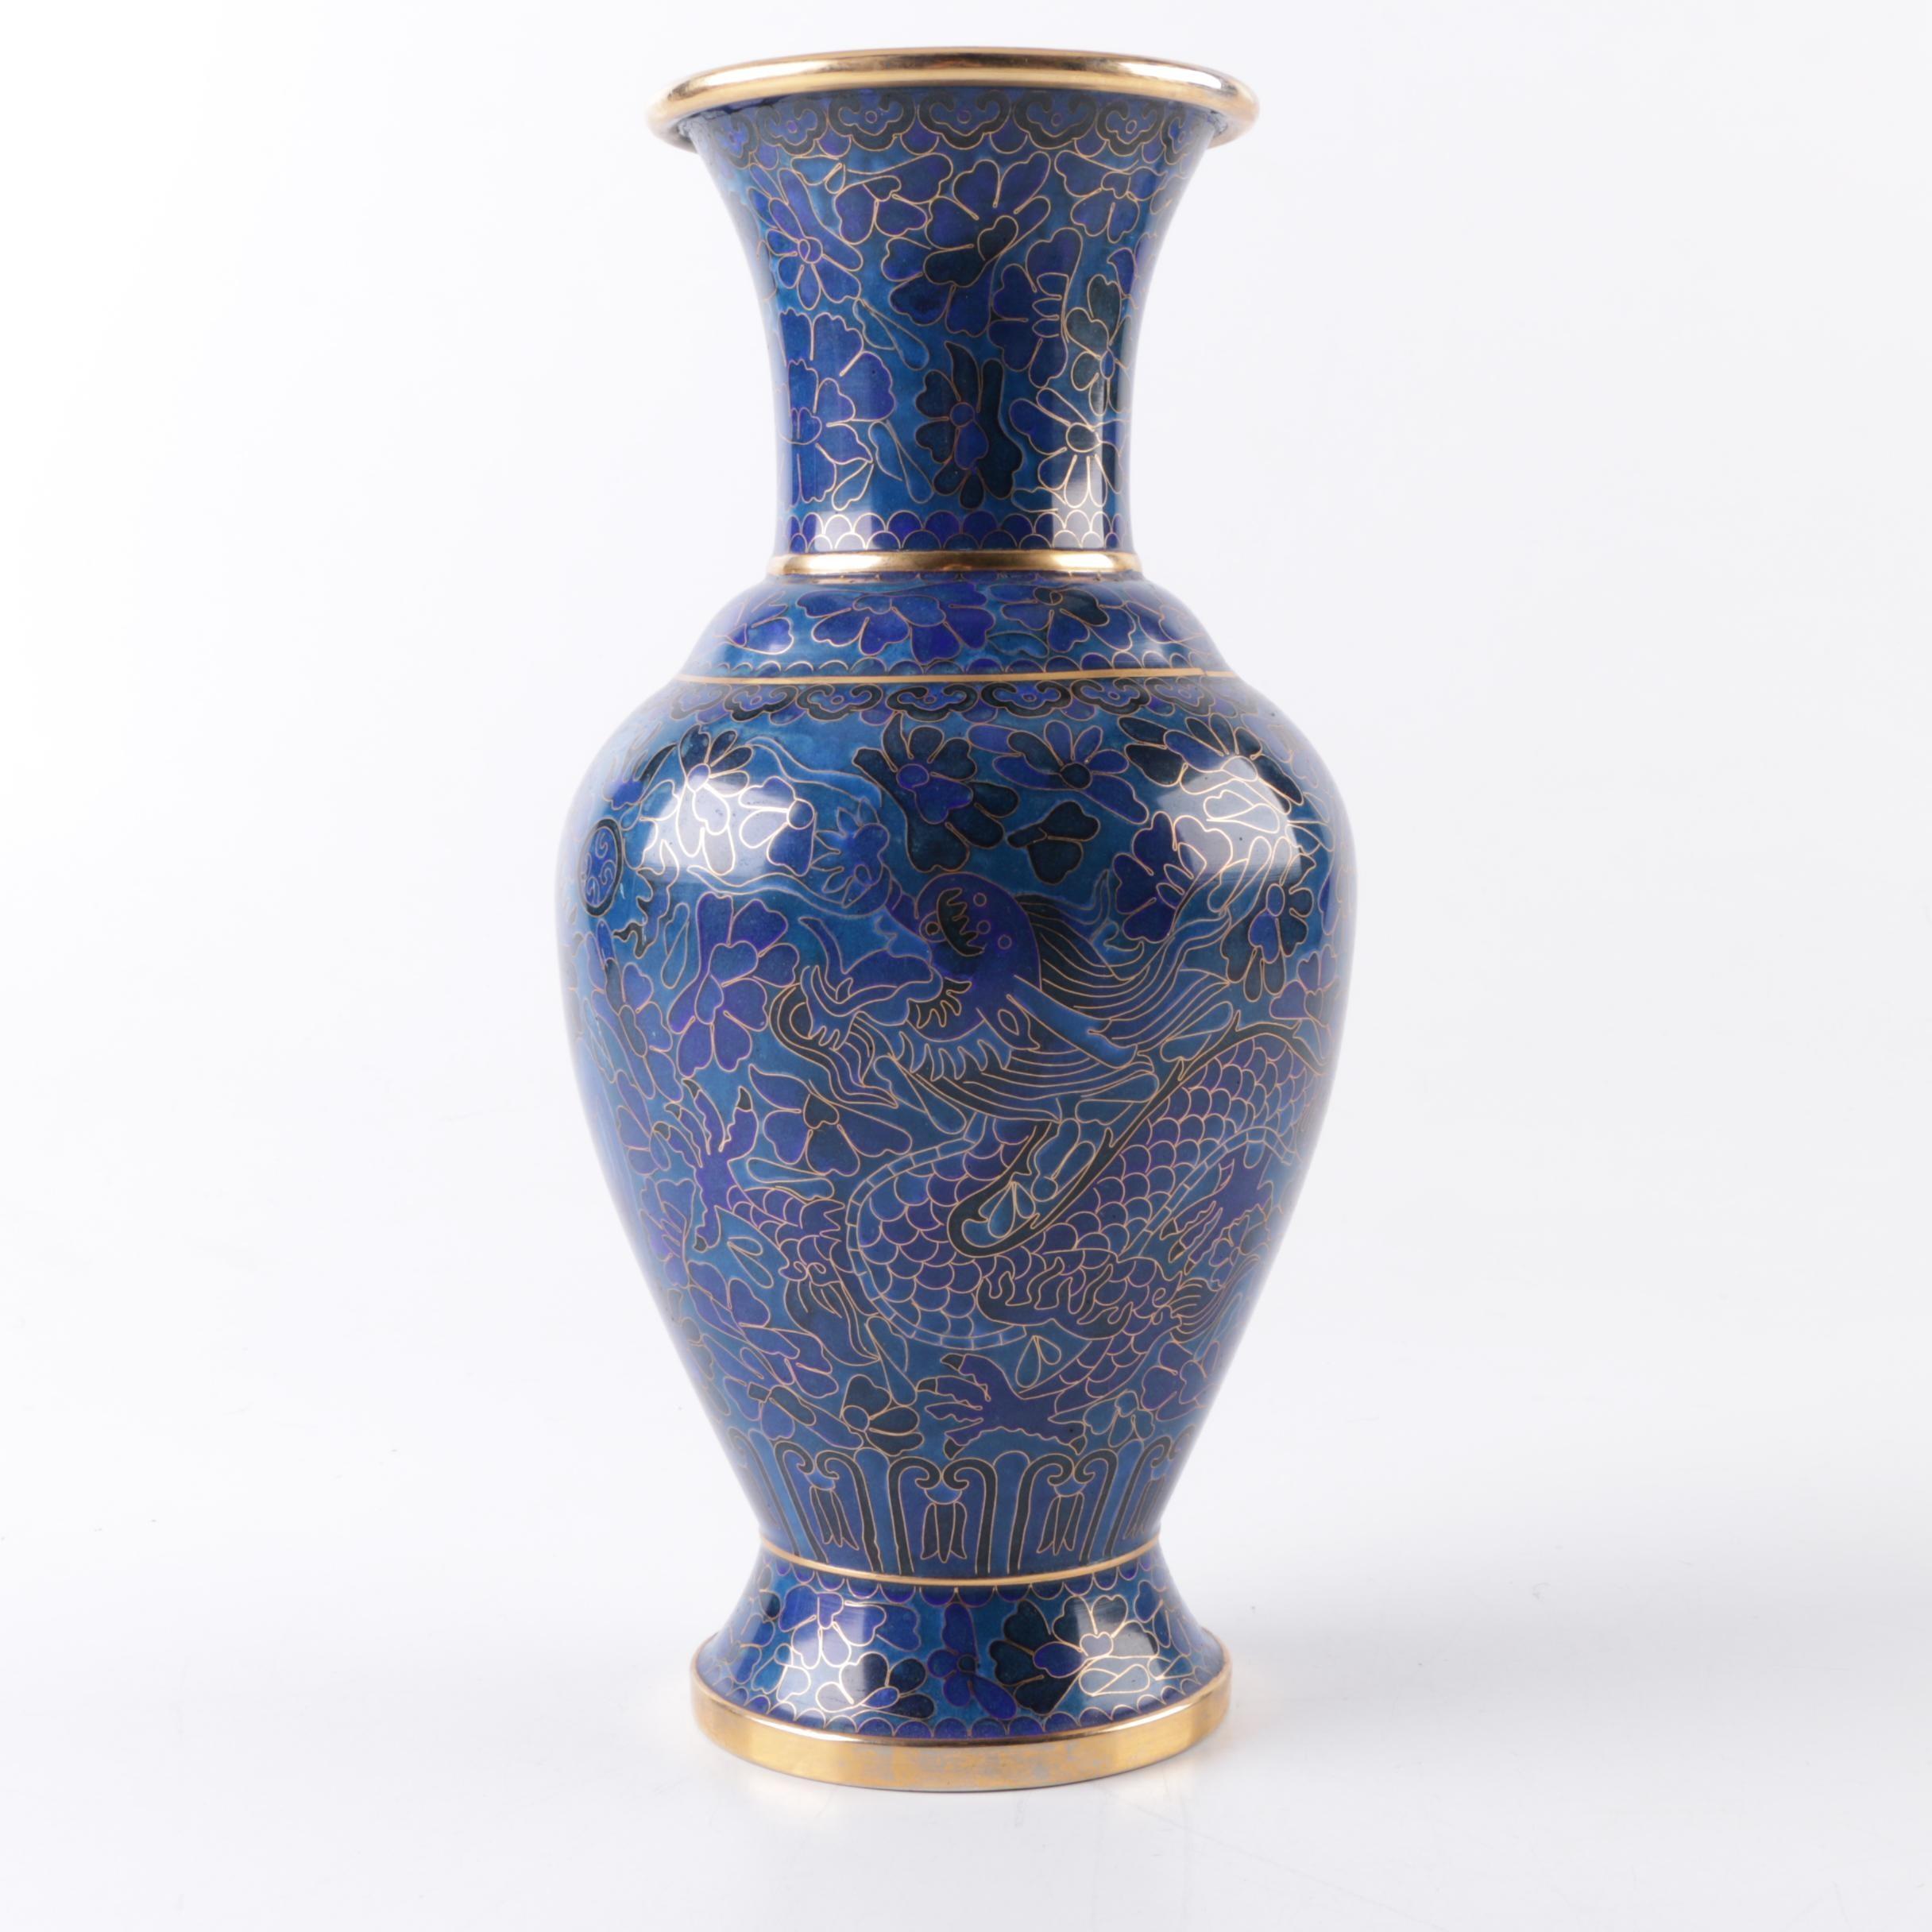 Blue Cloisonné East Asian Style Brass Vase